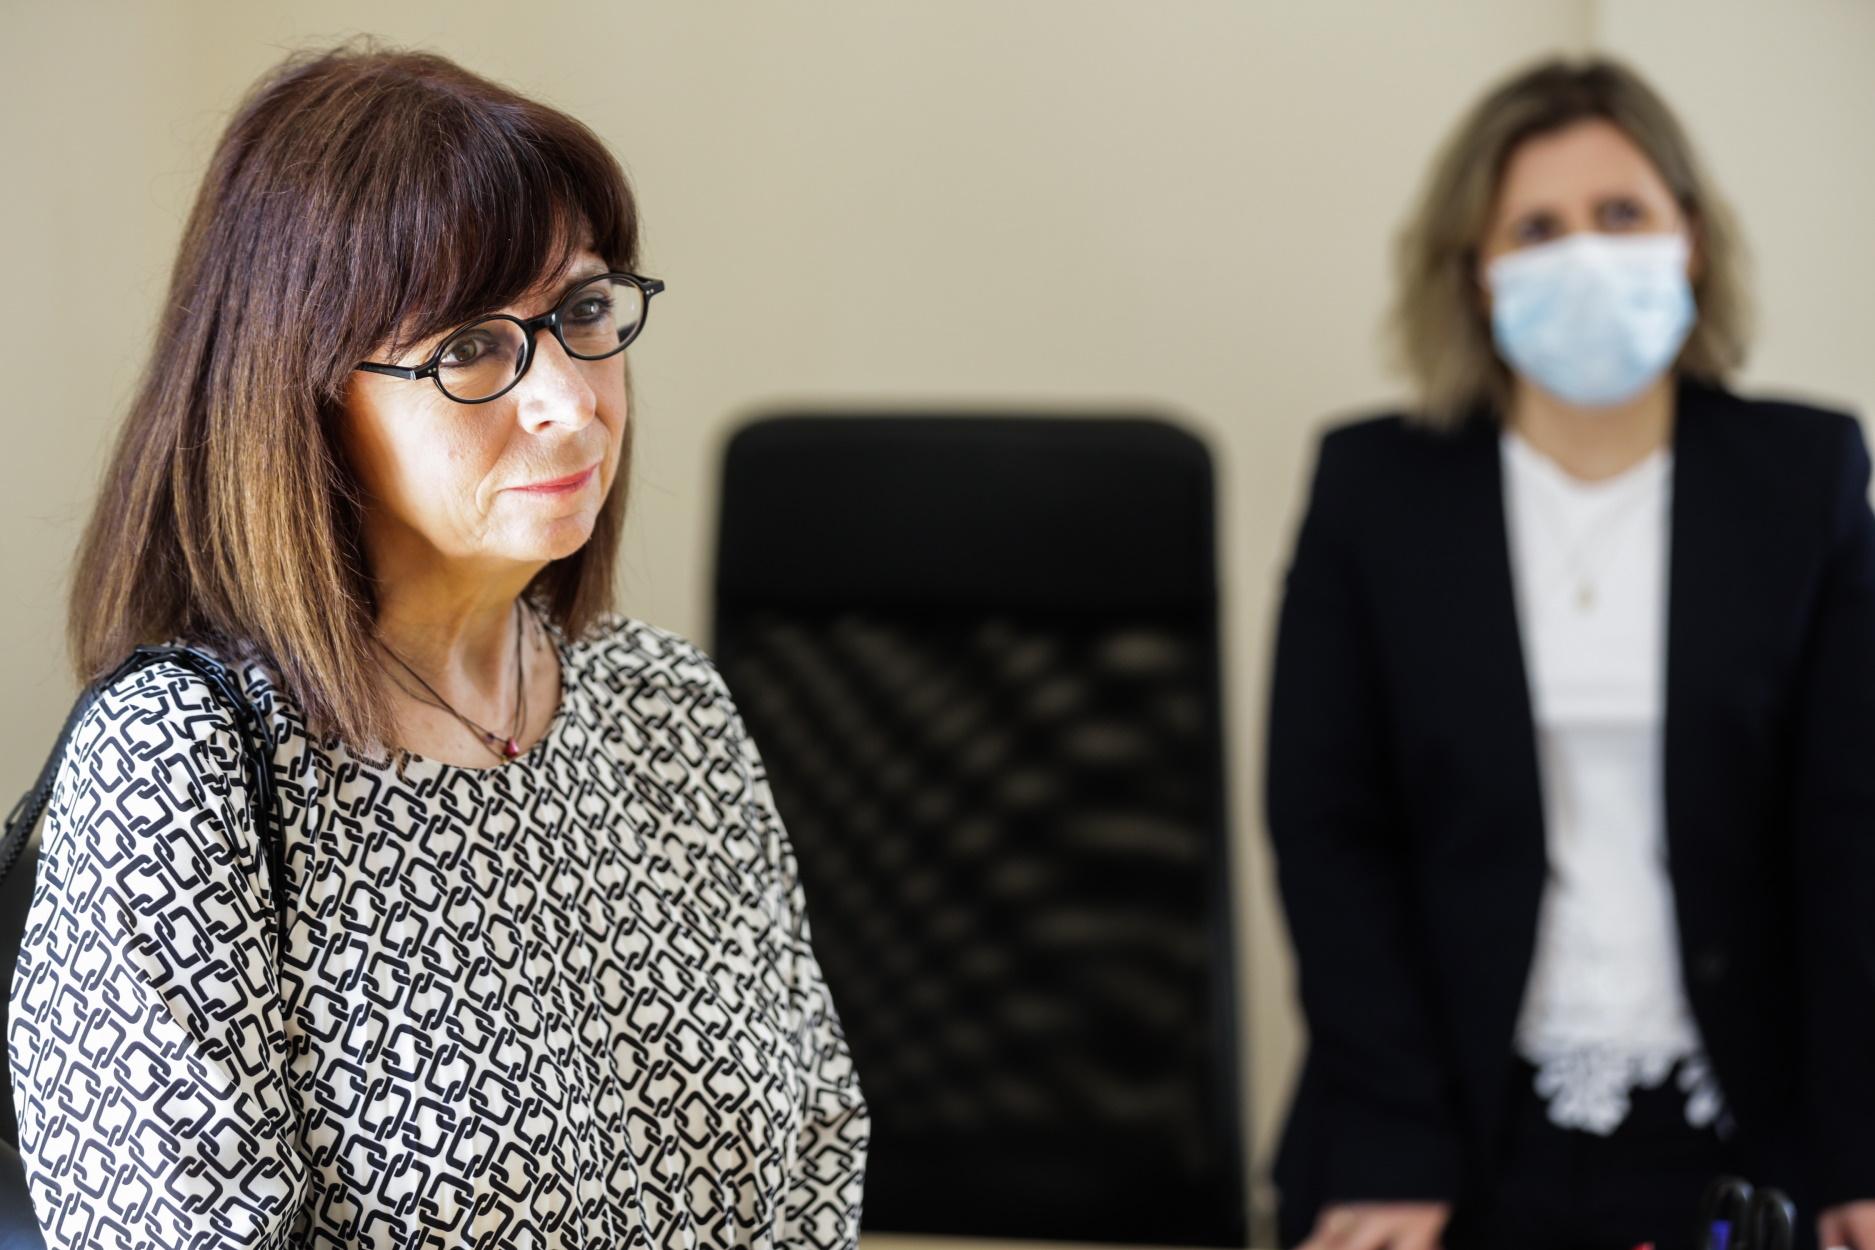 Σακελλαροπούλου για κορονοϊό: Επικίνδυνες για τη δημόσια υγεία οι ψευδείς ειδήσεις και οι αντιεπιστημονικές θεωρίες